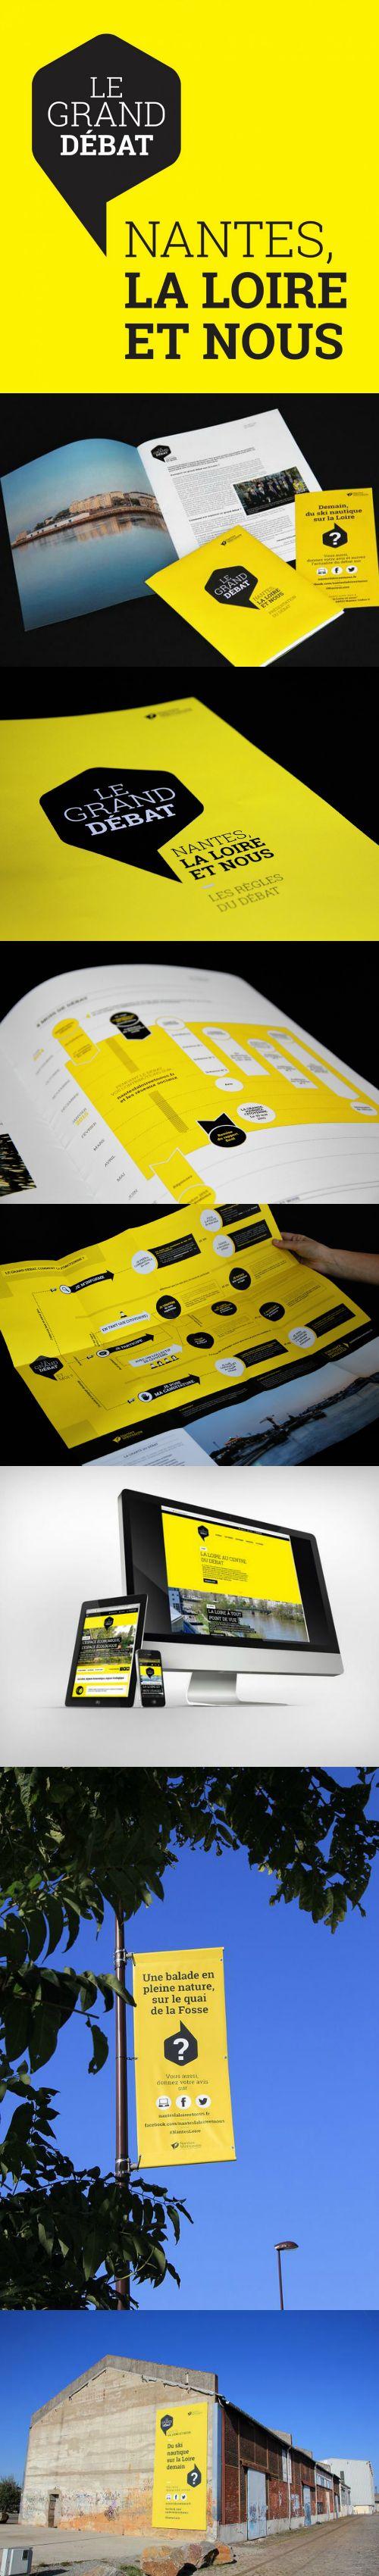 Métropole   Grand Débat   com publique   campagne   2014   création   identité   communication   conception   déploiement  